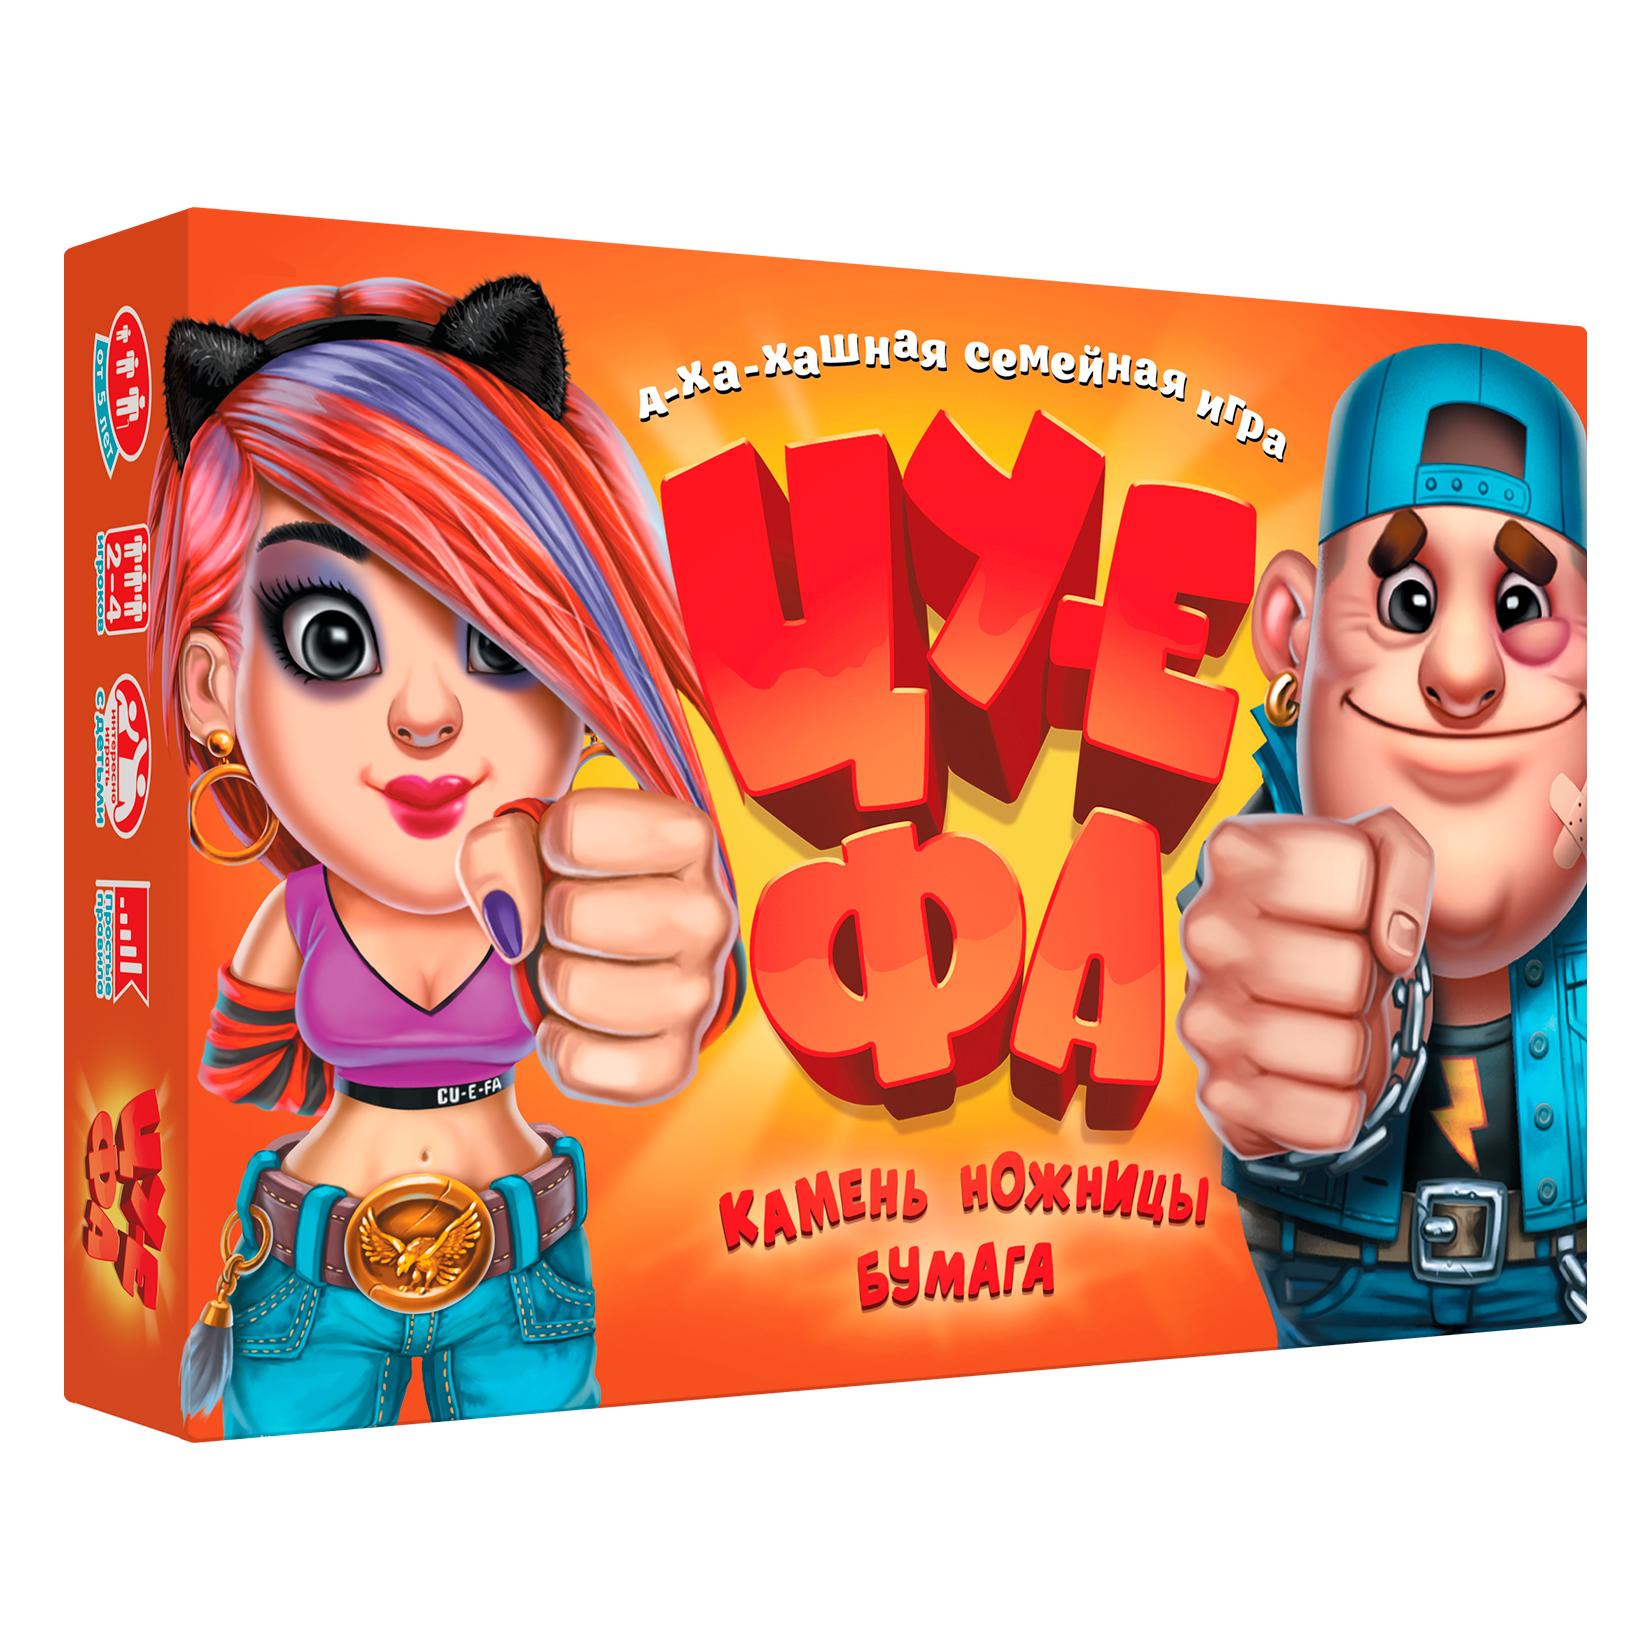 Купить Настольная игра Dojoy Камень, ножницы, бумага - ЦУ-Е-ФА! (3-е издание) DJ-BG12, Семейные настольные игры